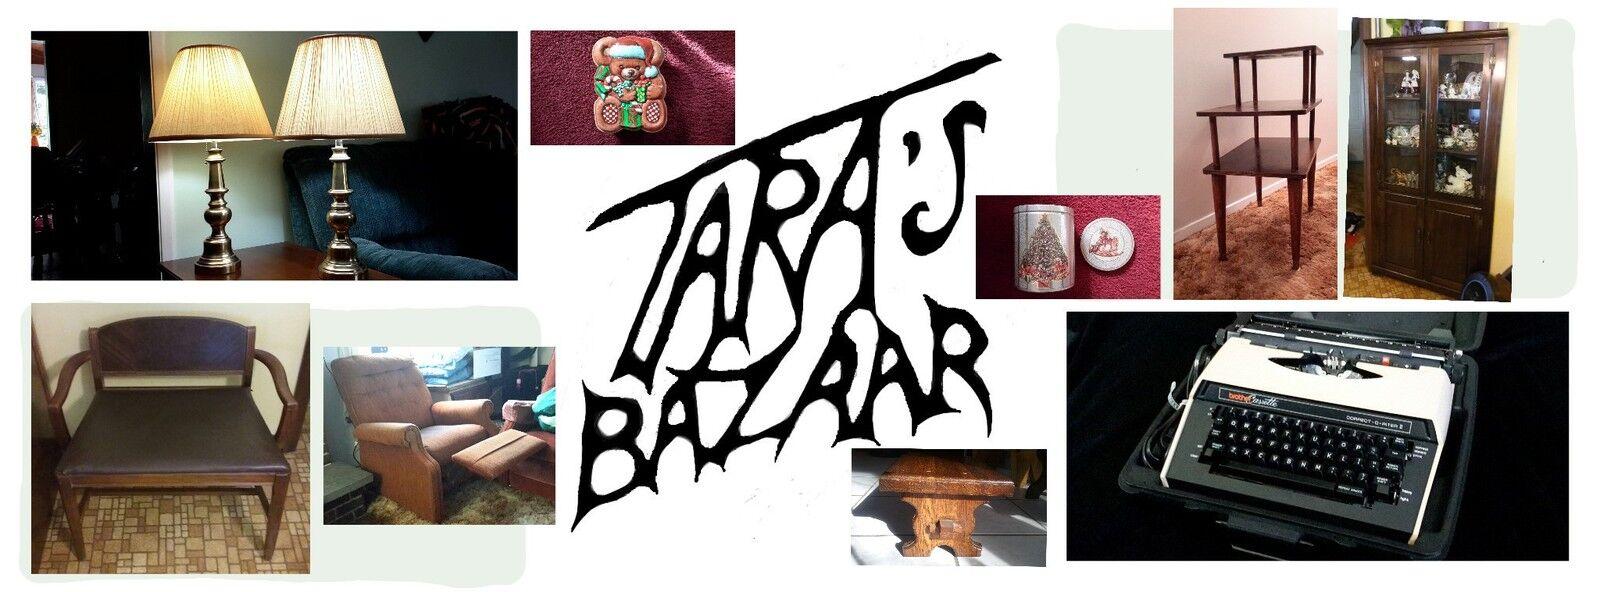 TARA'S BAZAAR